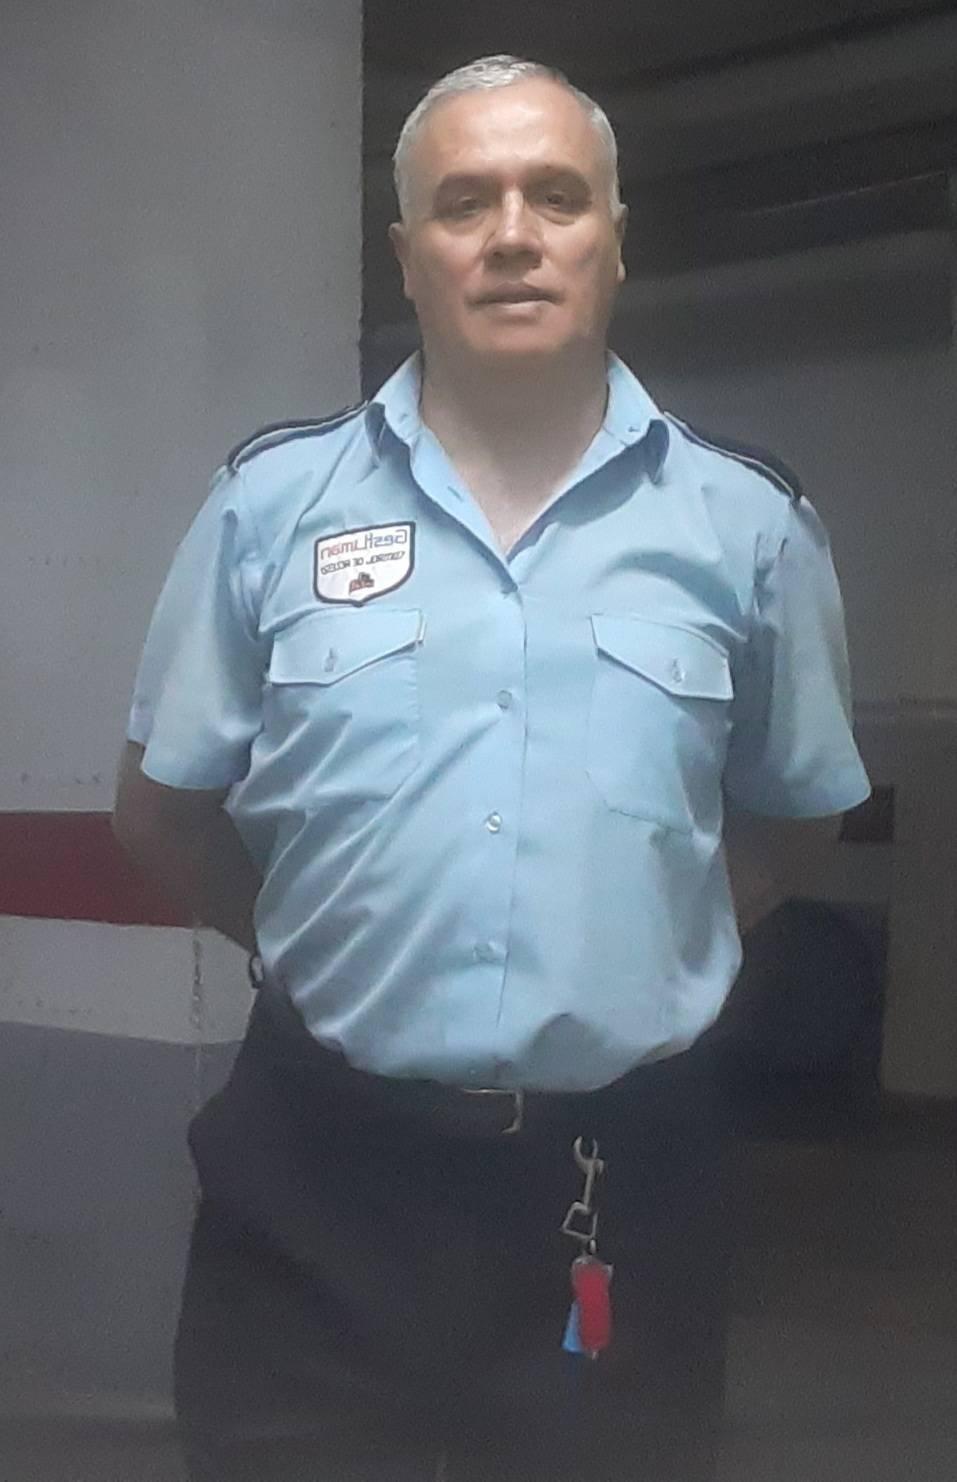 BUSCO TRABAJO EN EMPRESA DE SERVICIOS, CONTROLADOR DE ACCESOS, REPARTO  - Foto 1